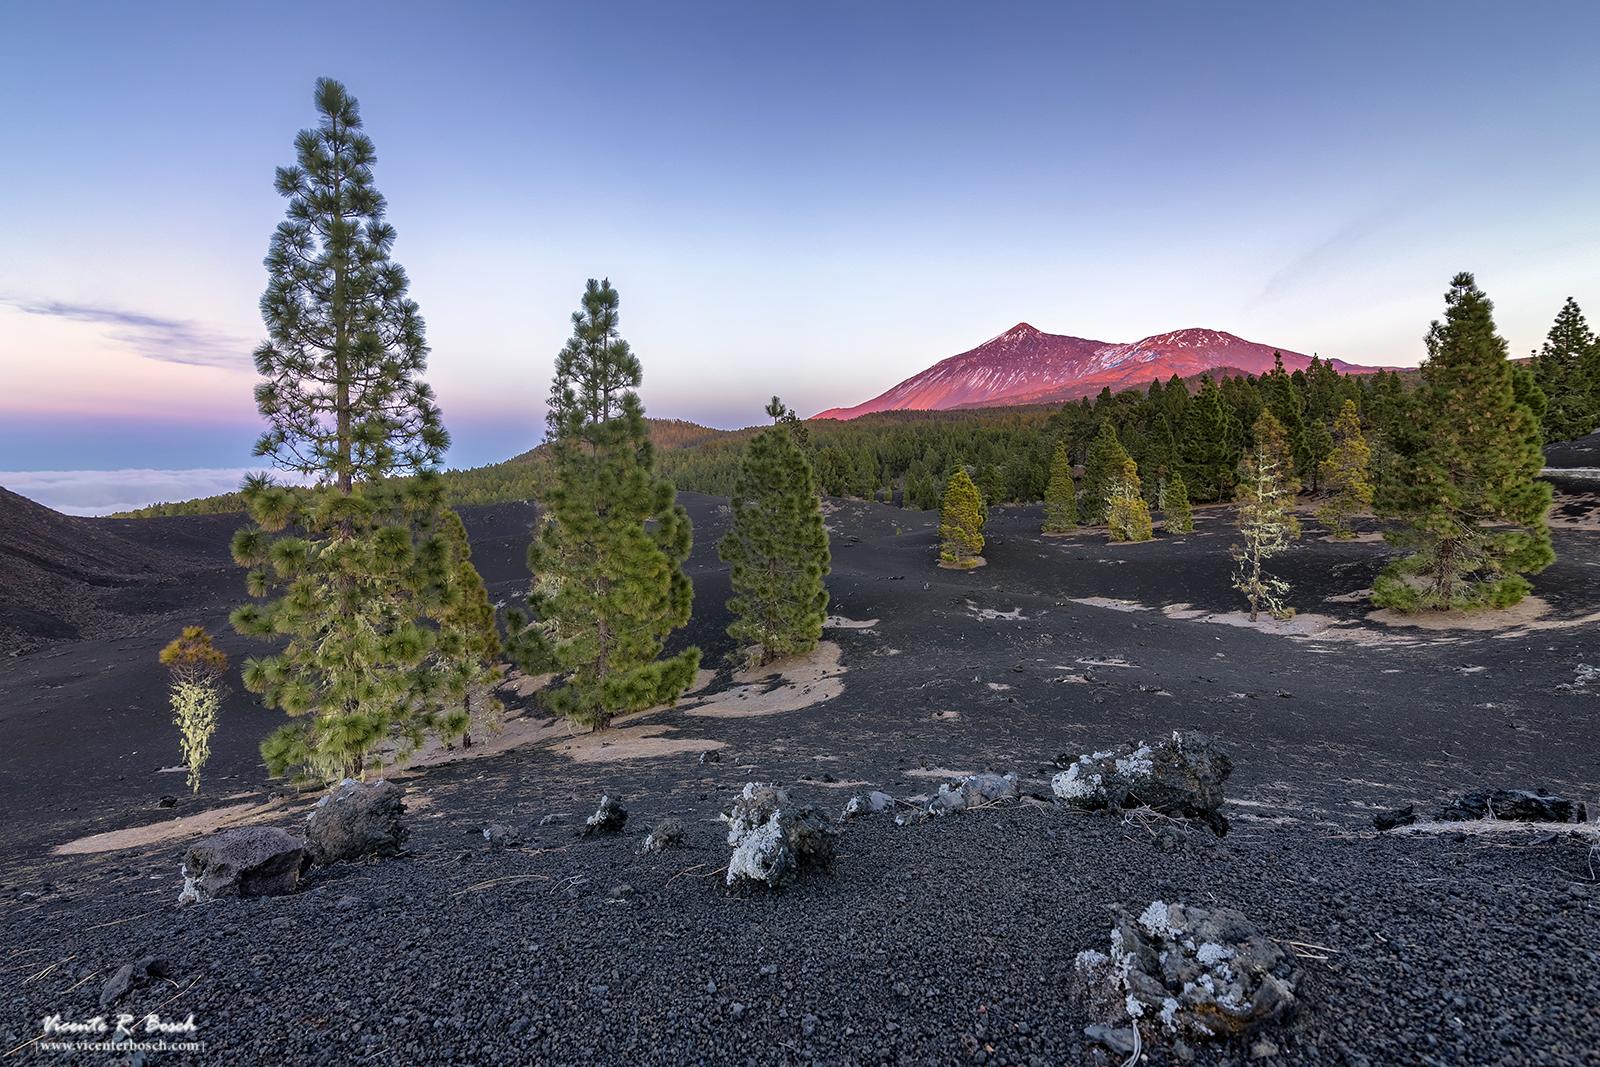 Atardecer en el Teide con los últimos rayos de sol